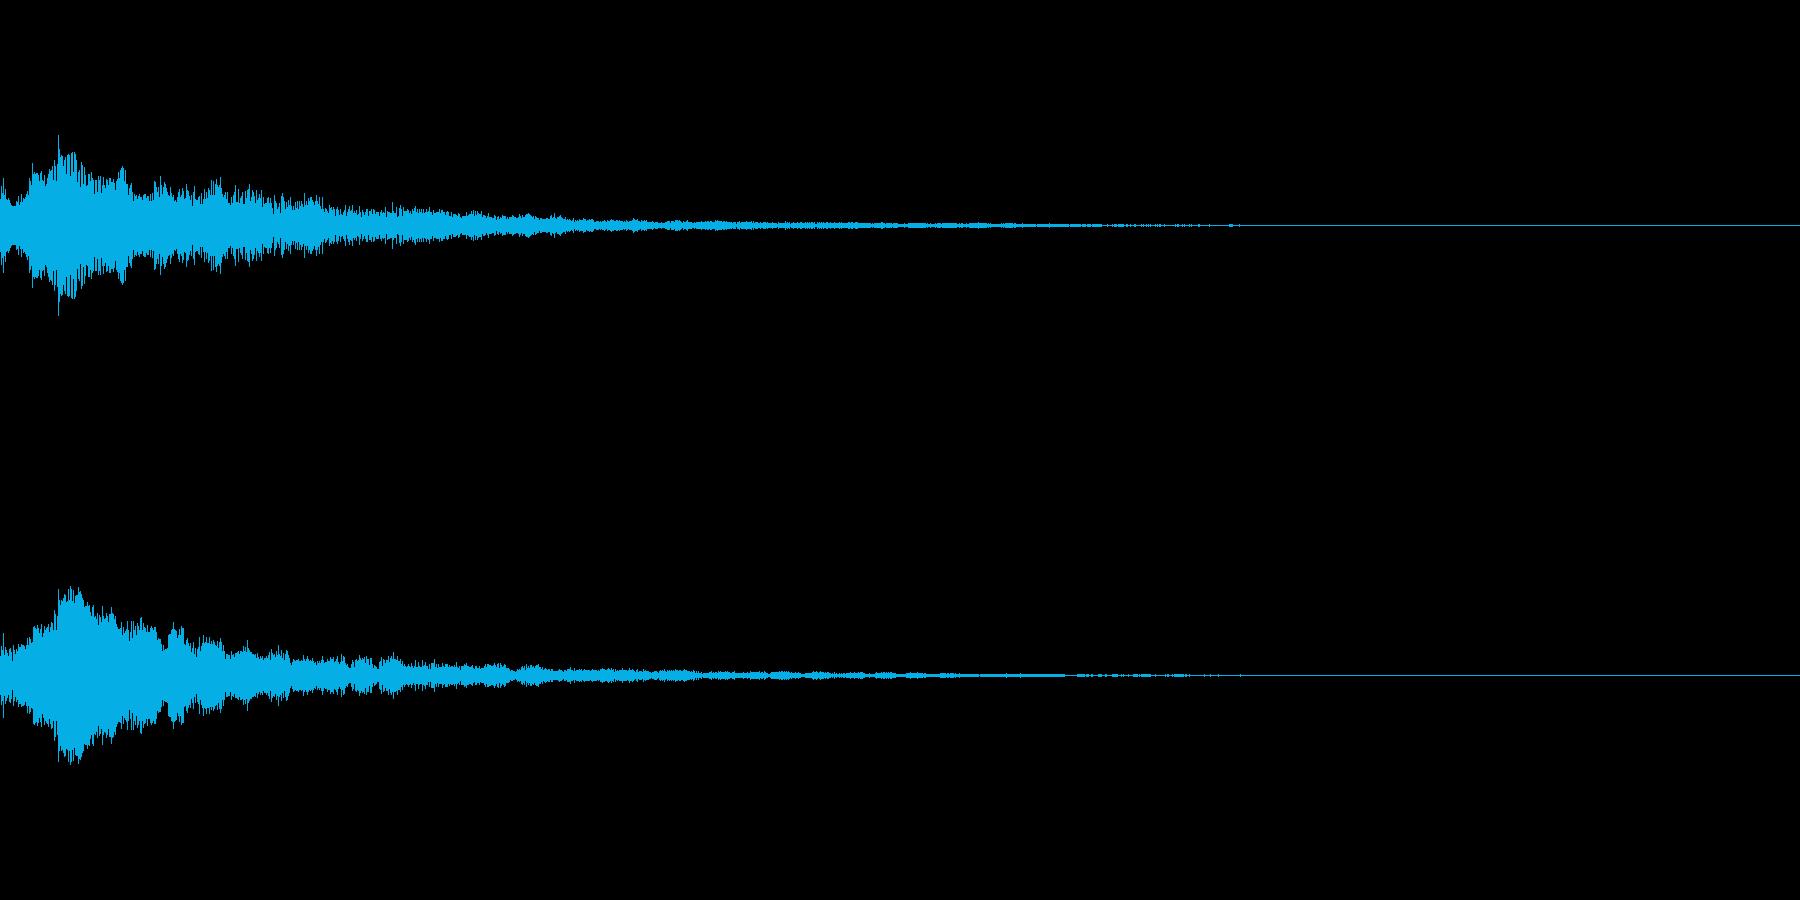 しゃらん♪ (連鎖07)の再生済みの波形